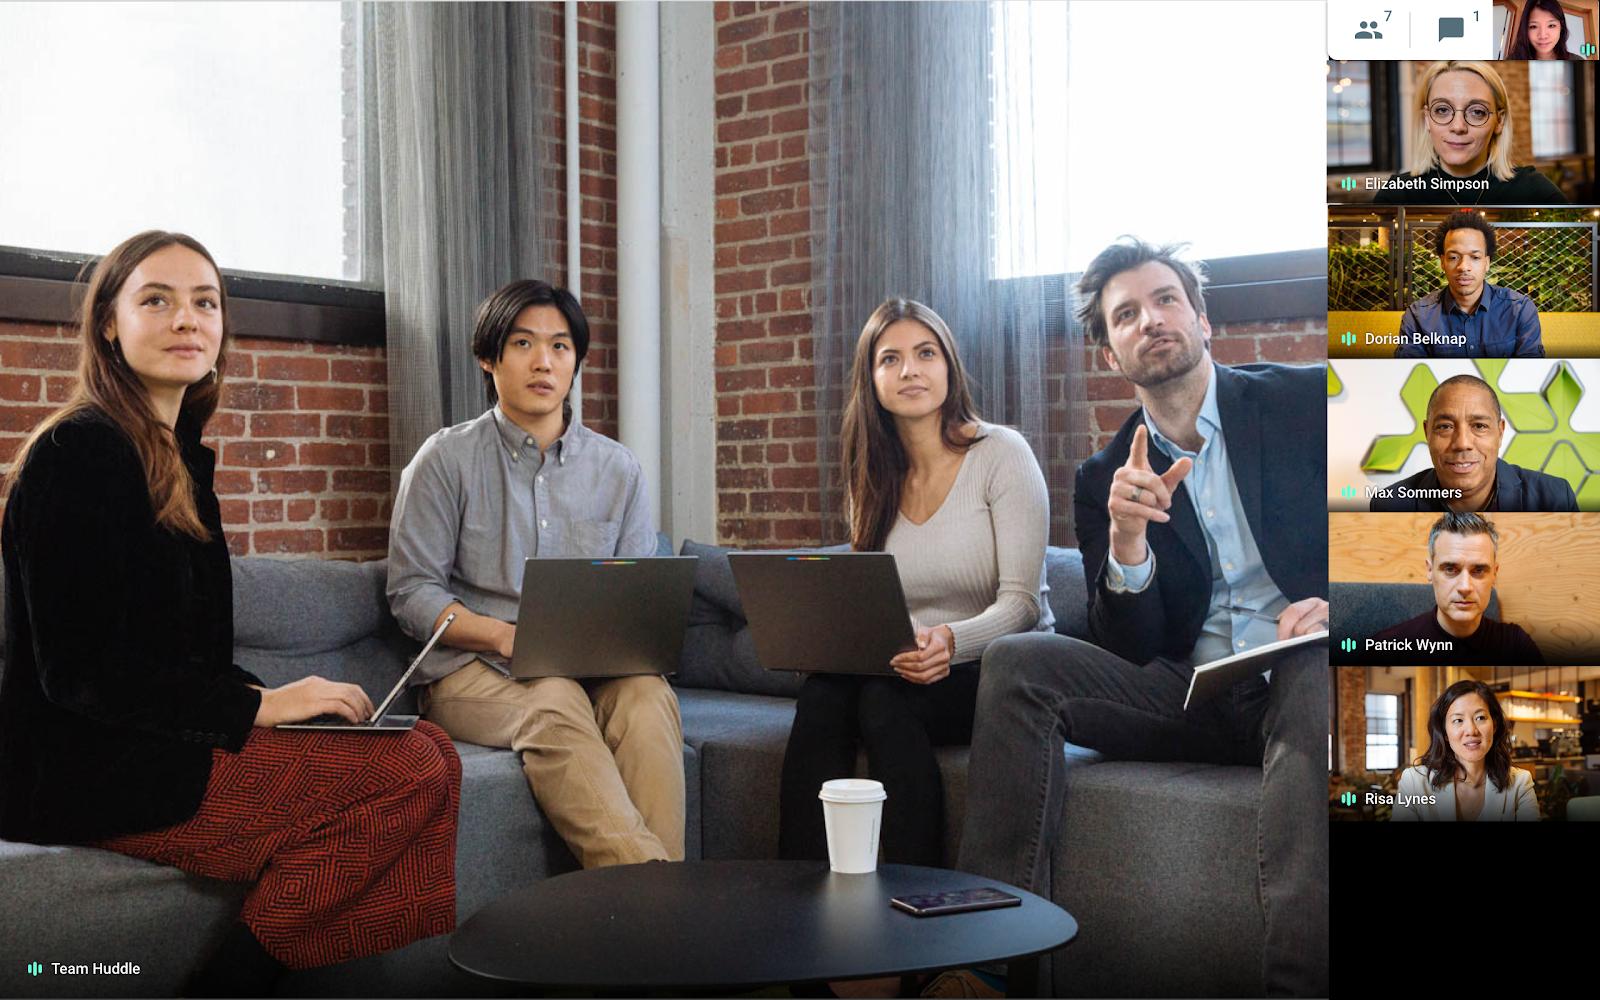 Google G Suite - Hangouts Meet